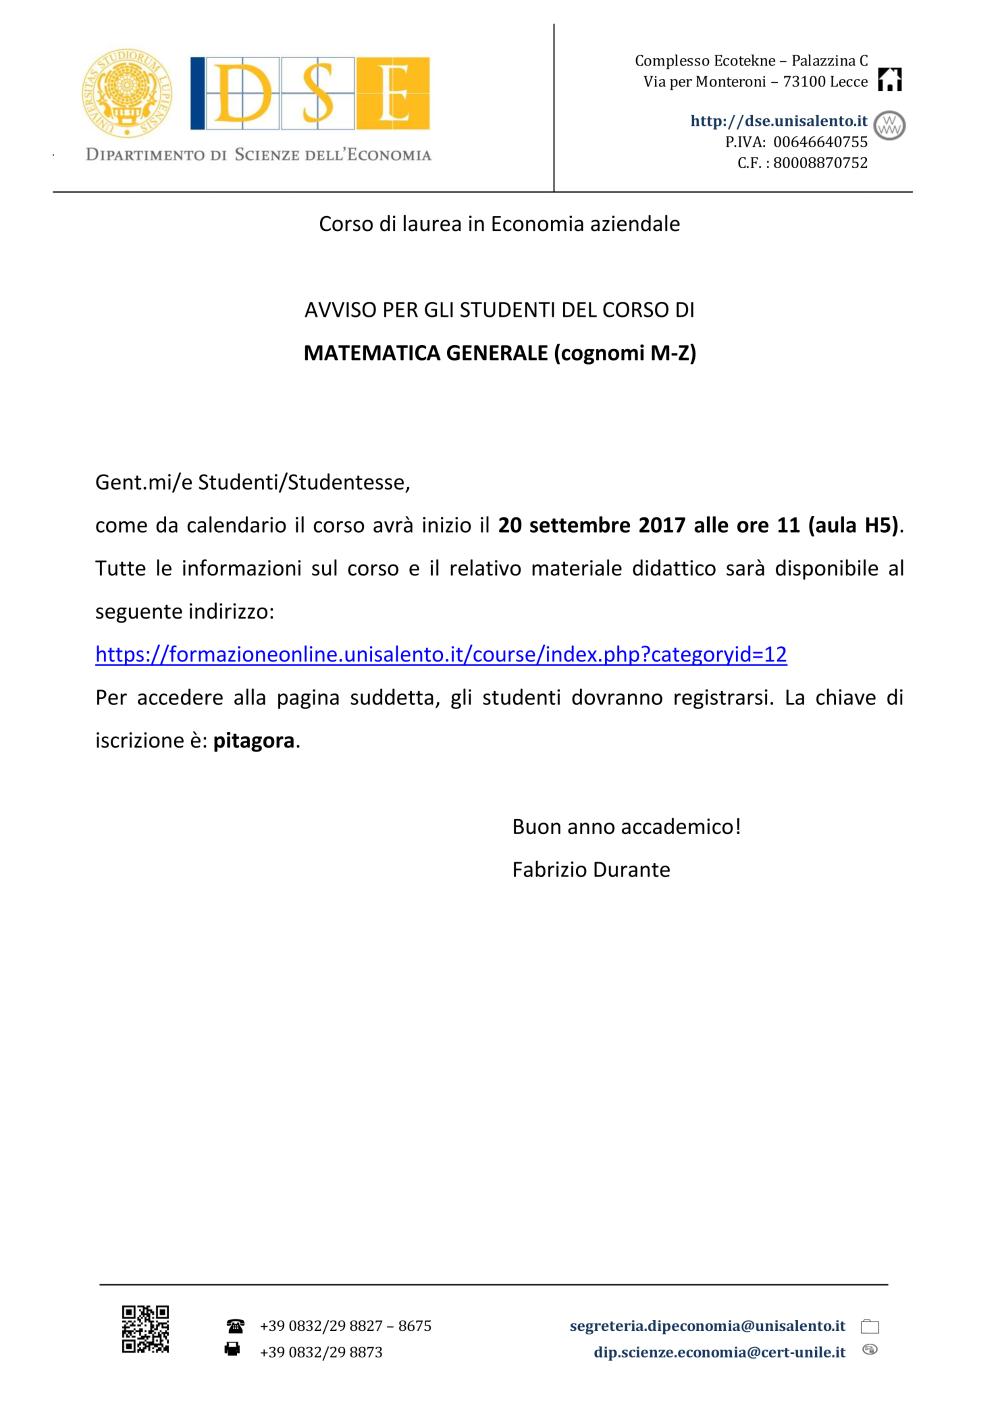 Calendario Accademico Unisalento.Attivita Socio Culturali Universita Del Salento